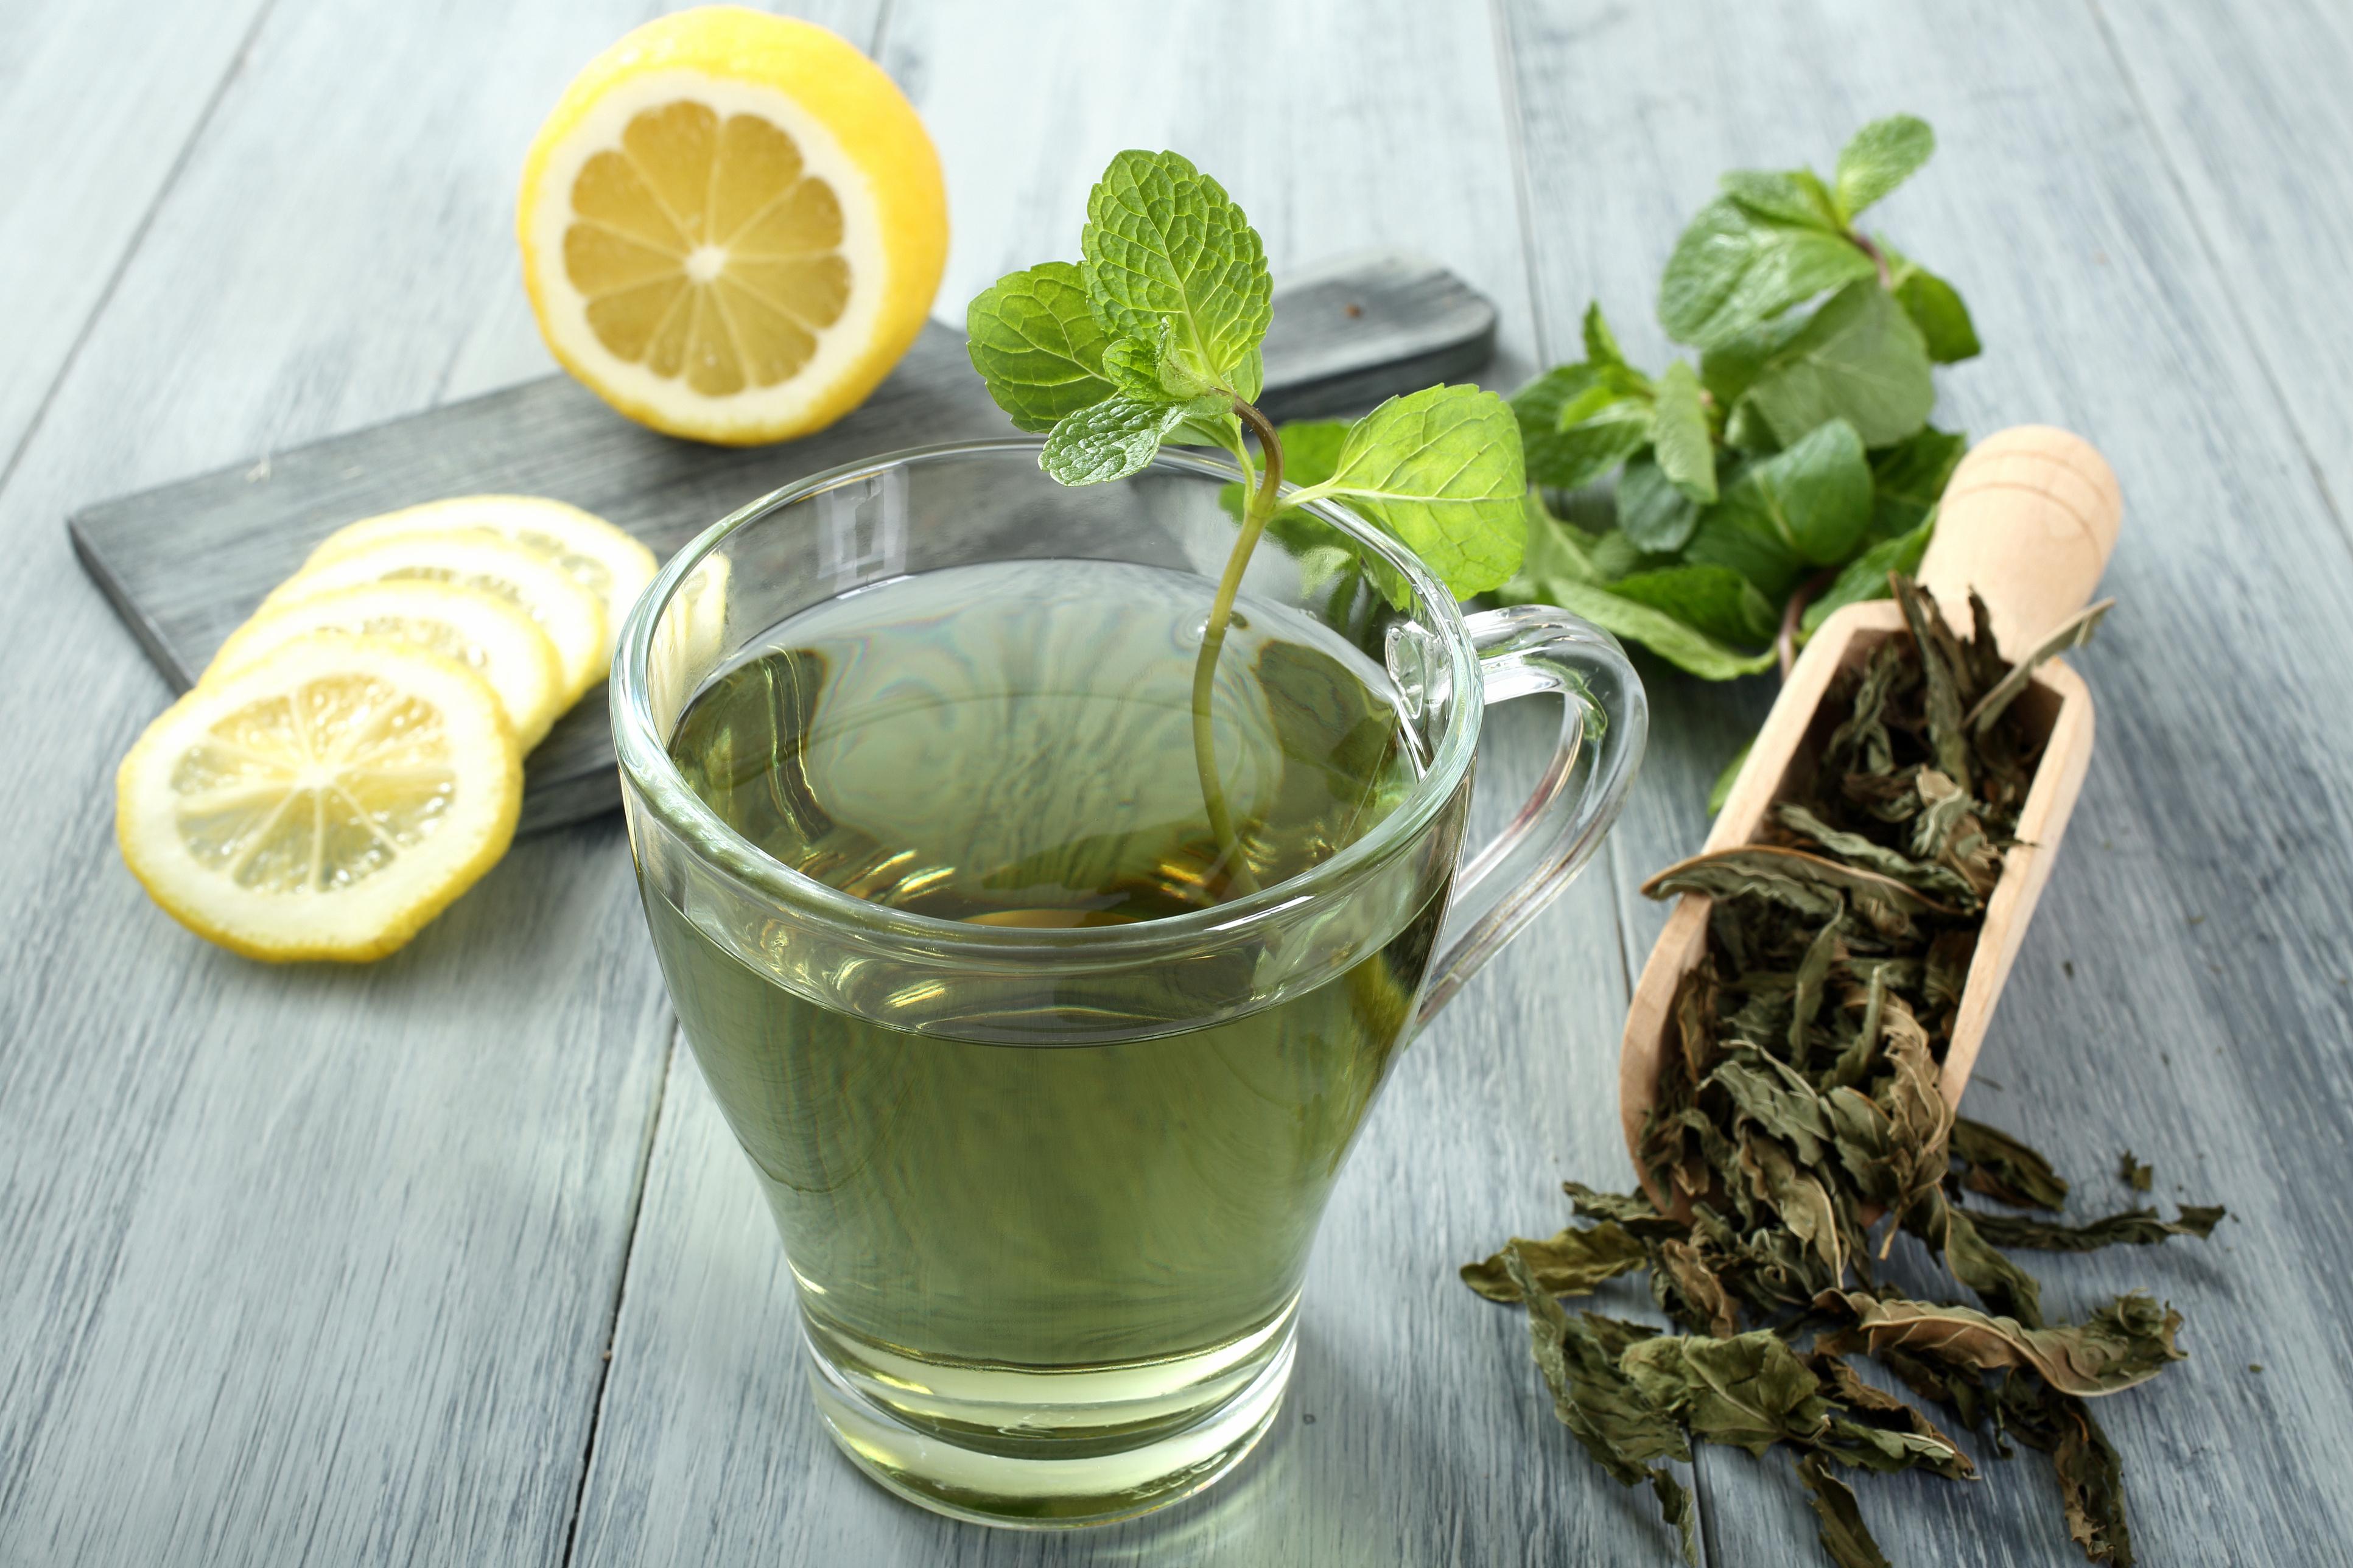 mi a legjobb fogyókúrás tea fogyókúrás vacsora